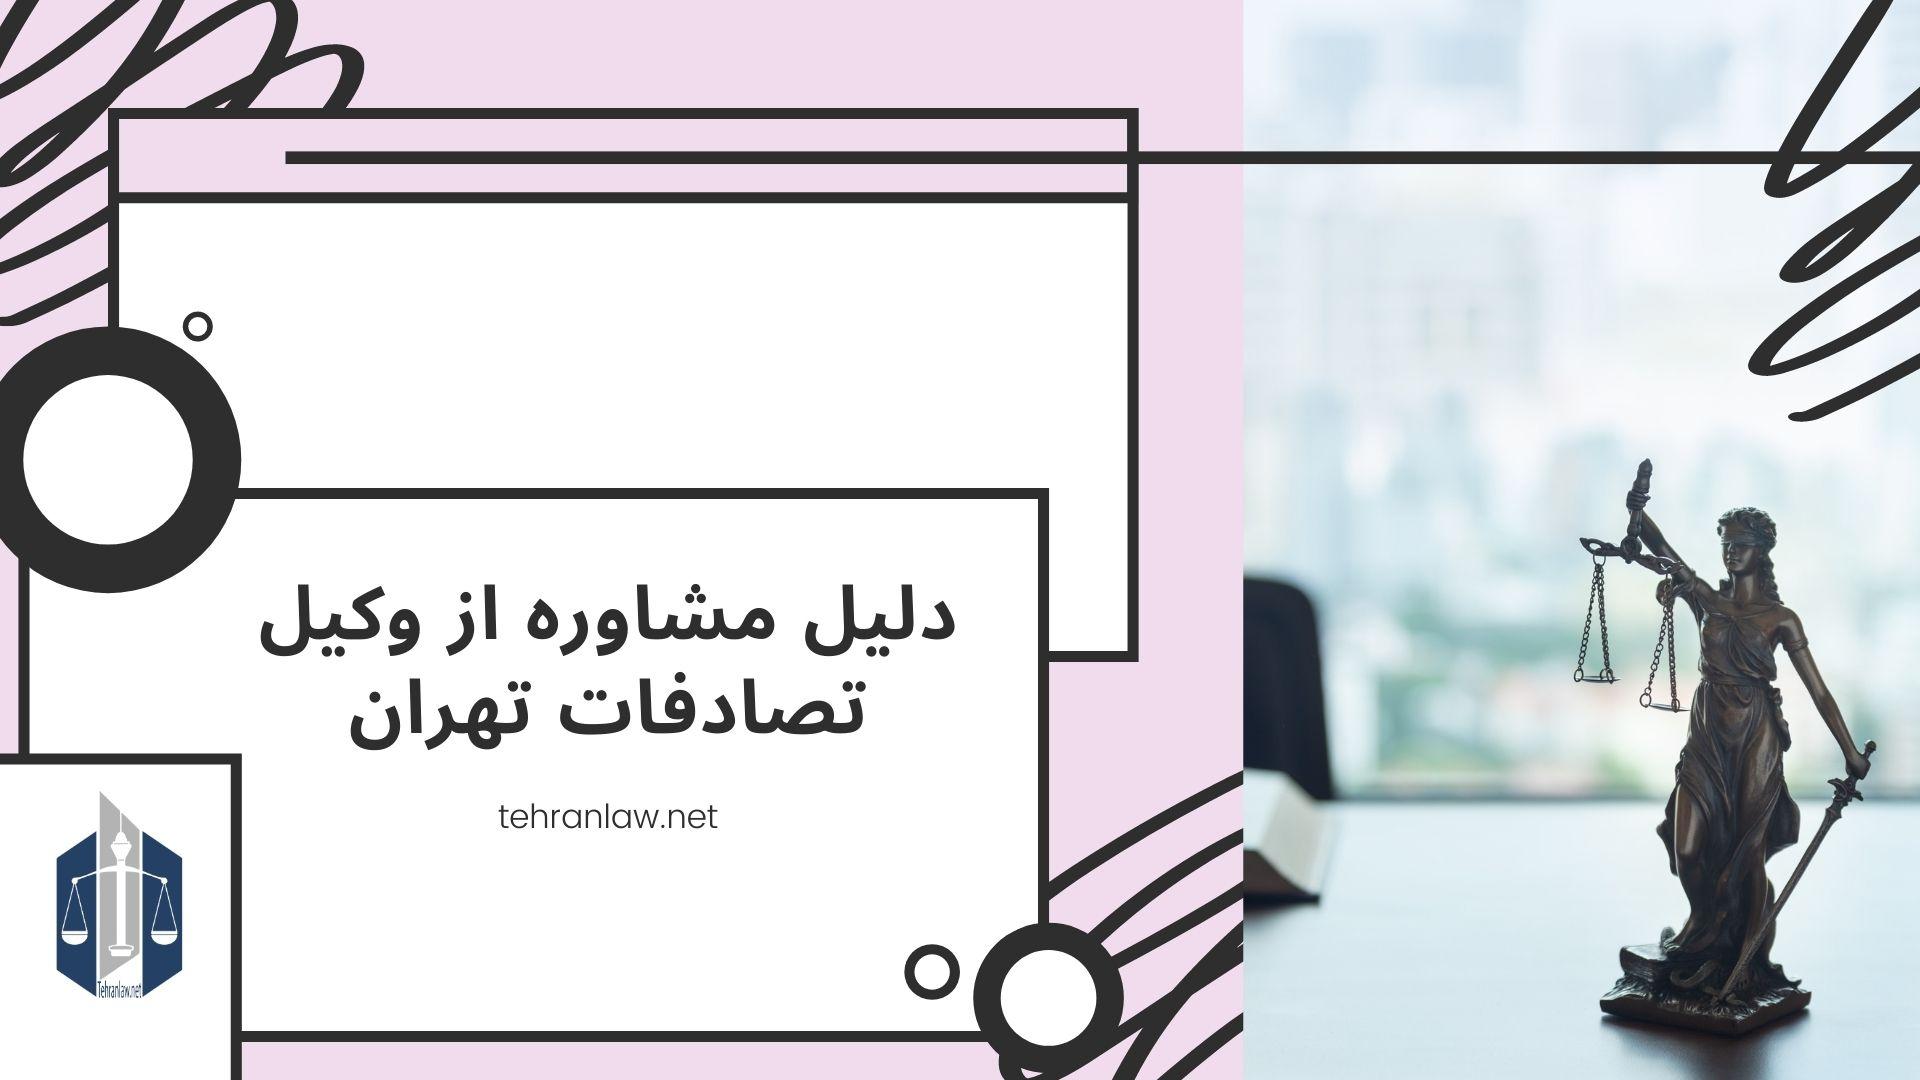 دلیل مشاوره از وکیل تصادفات تهران